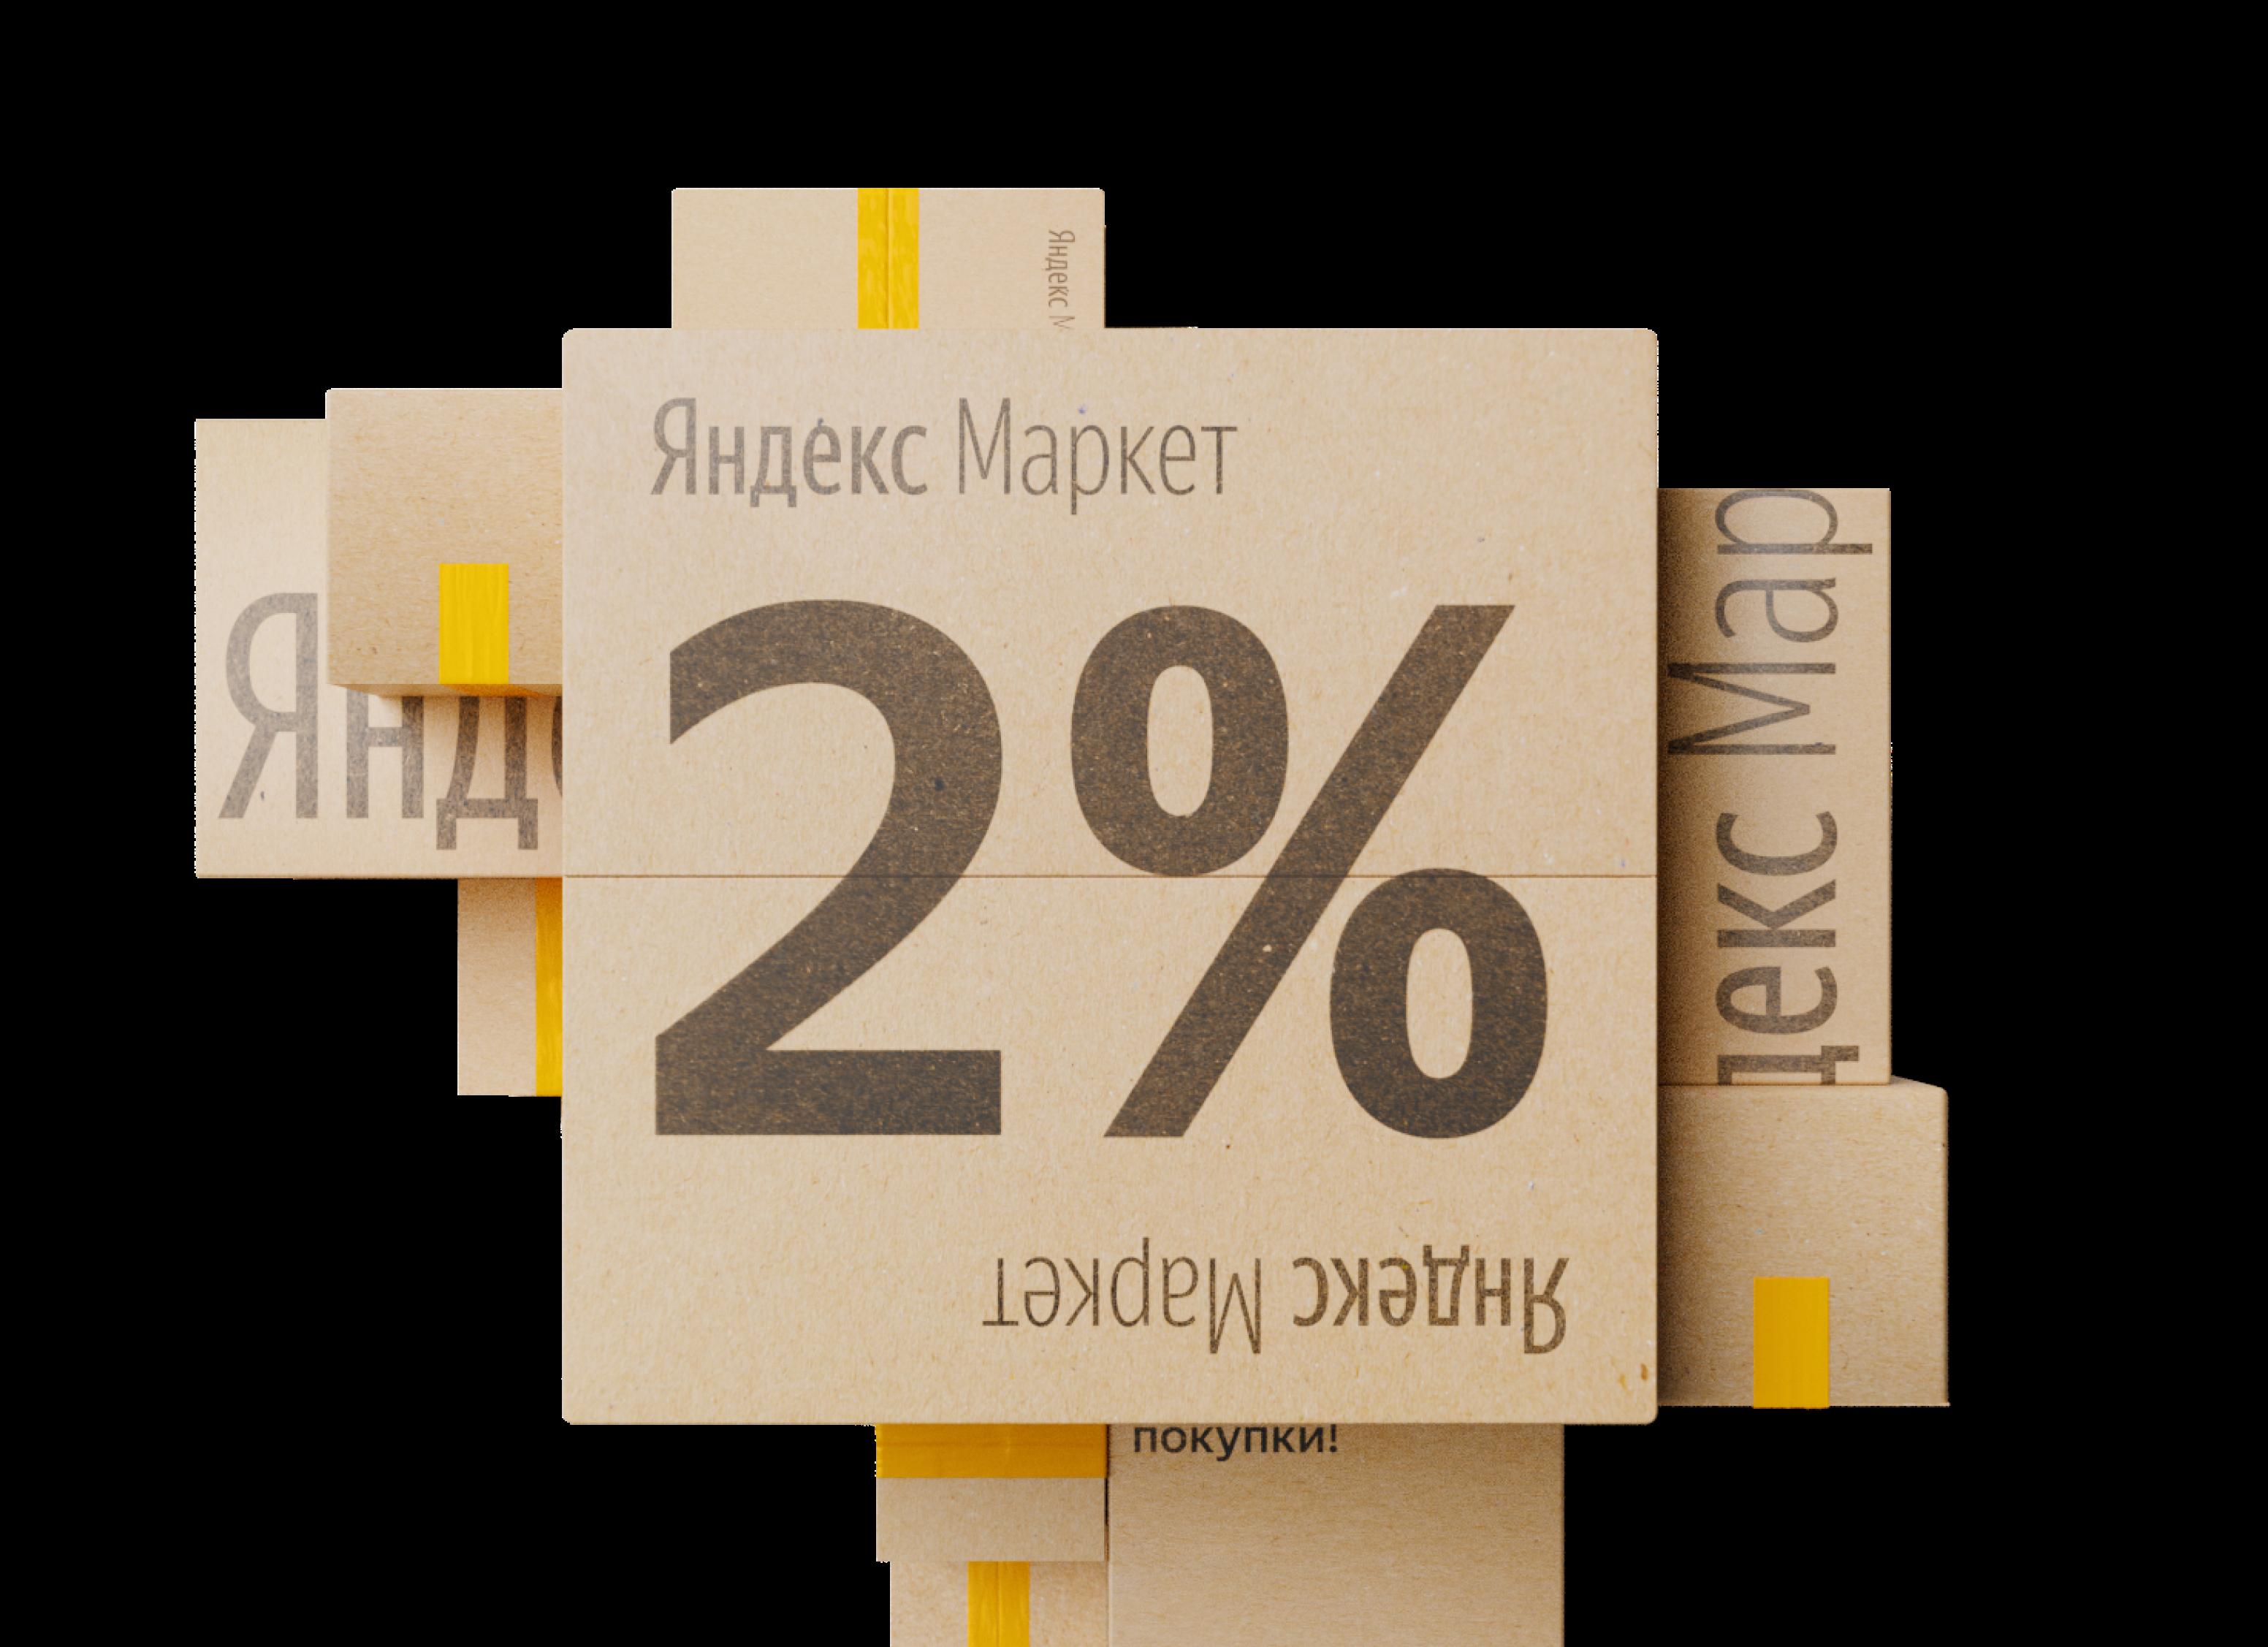 Подключитесь к маркетплейсу Маркета — комиссия за продажу в любой категории теперь всего 2%